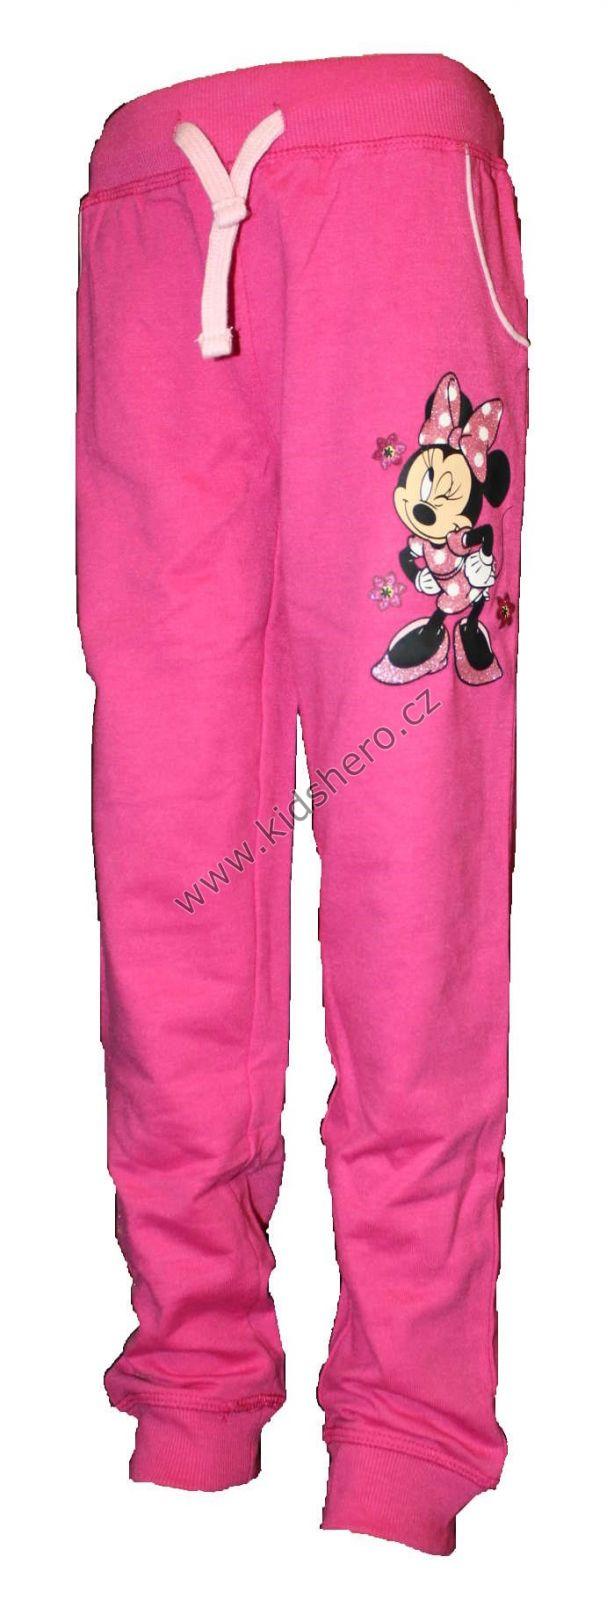 Tepláky MINNIE - růžové Disney